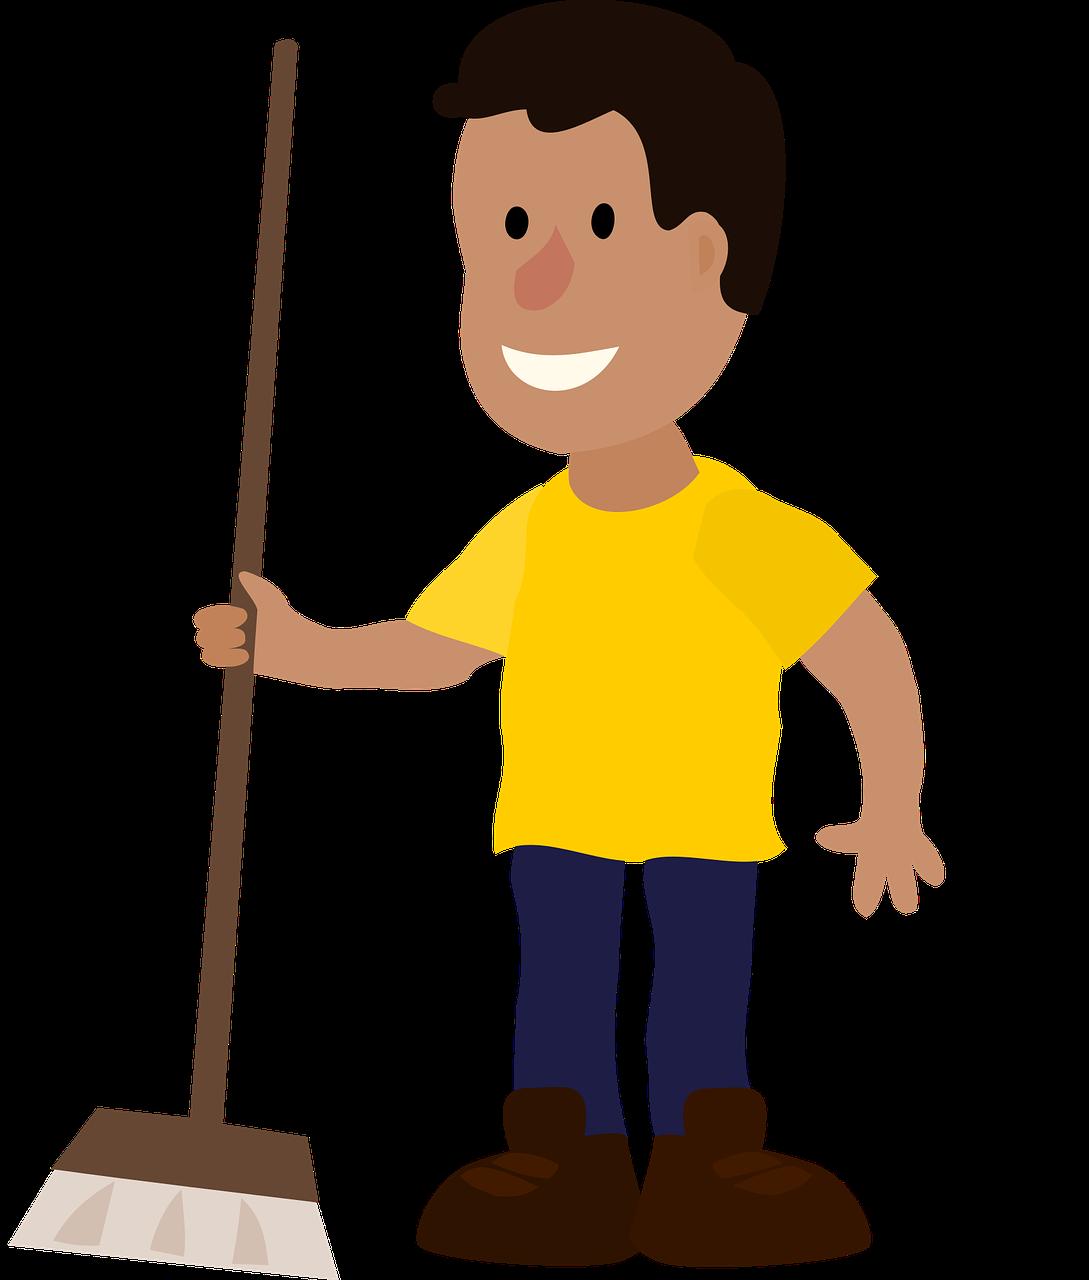 Das leistet das Hausmeister-Service einer Reinigungsfirma (ÖNORM D 2050:2017-01):